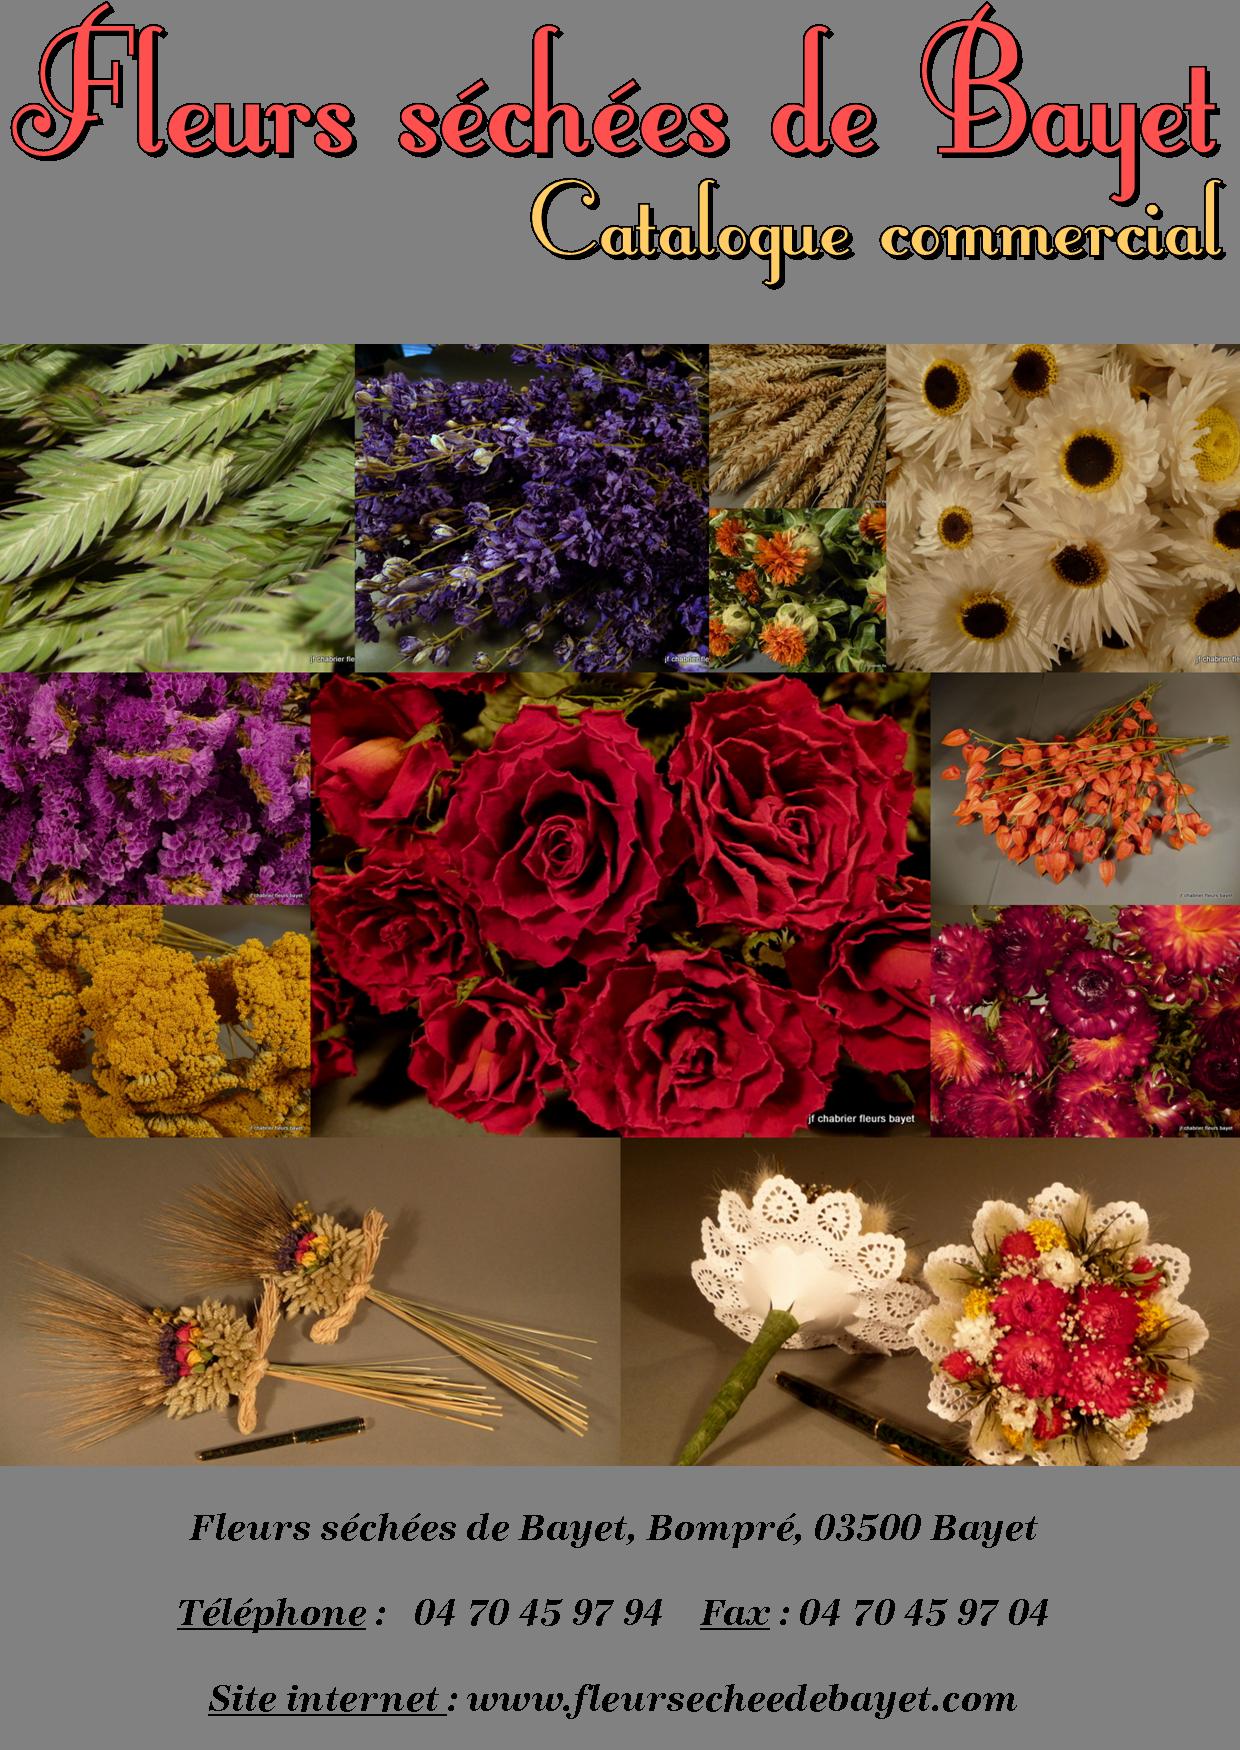 Bienvenue aux fleurs s ch es de bayet for Catalogue de fleurs